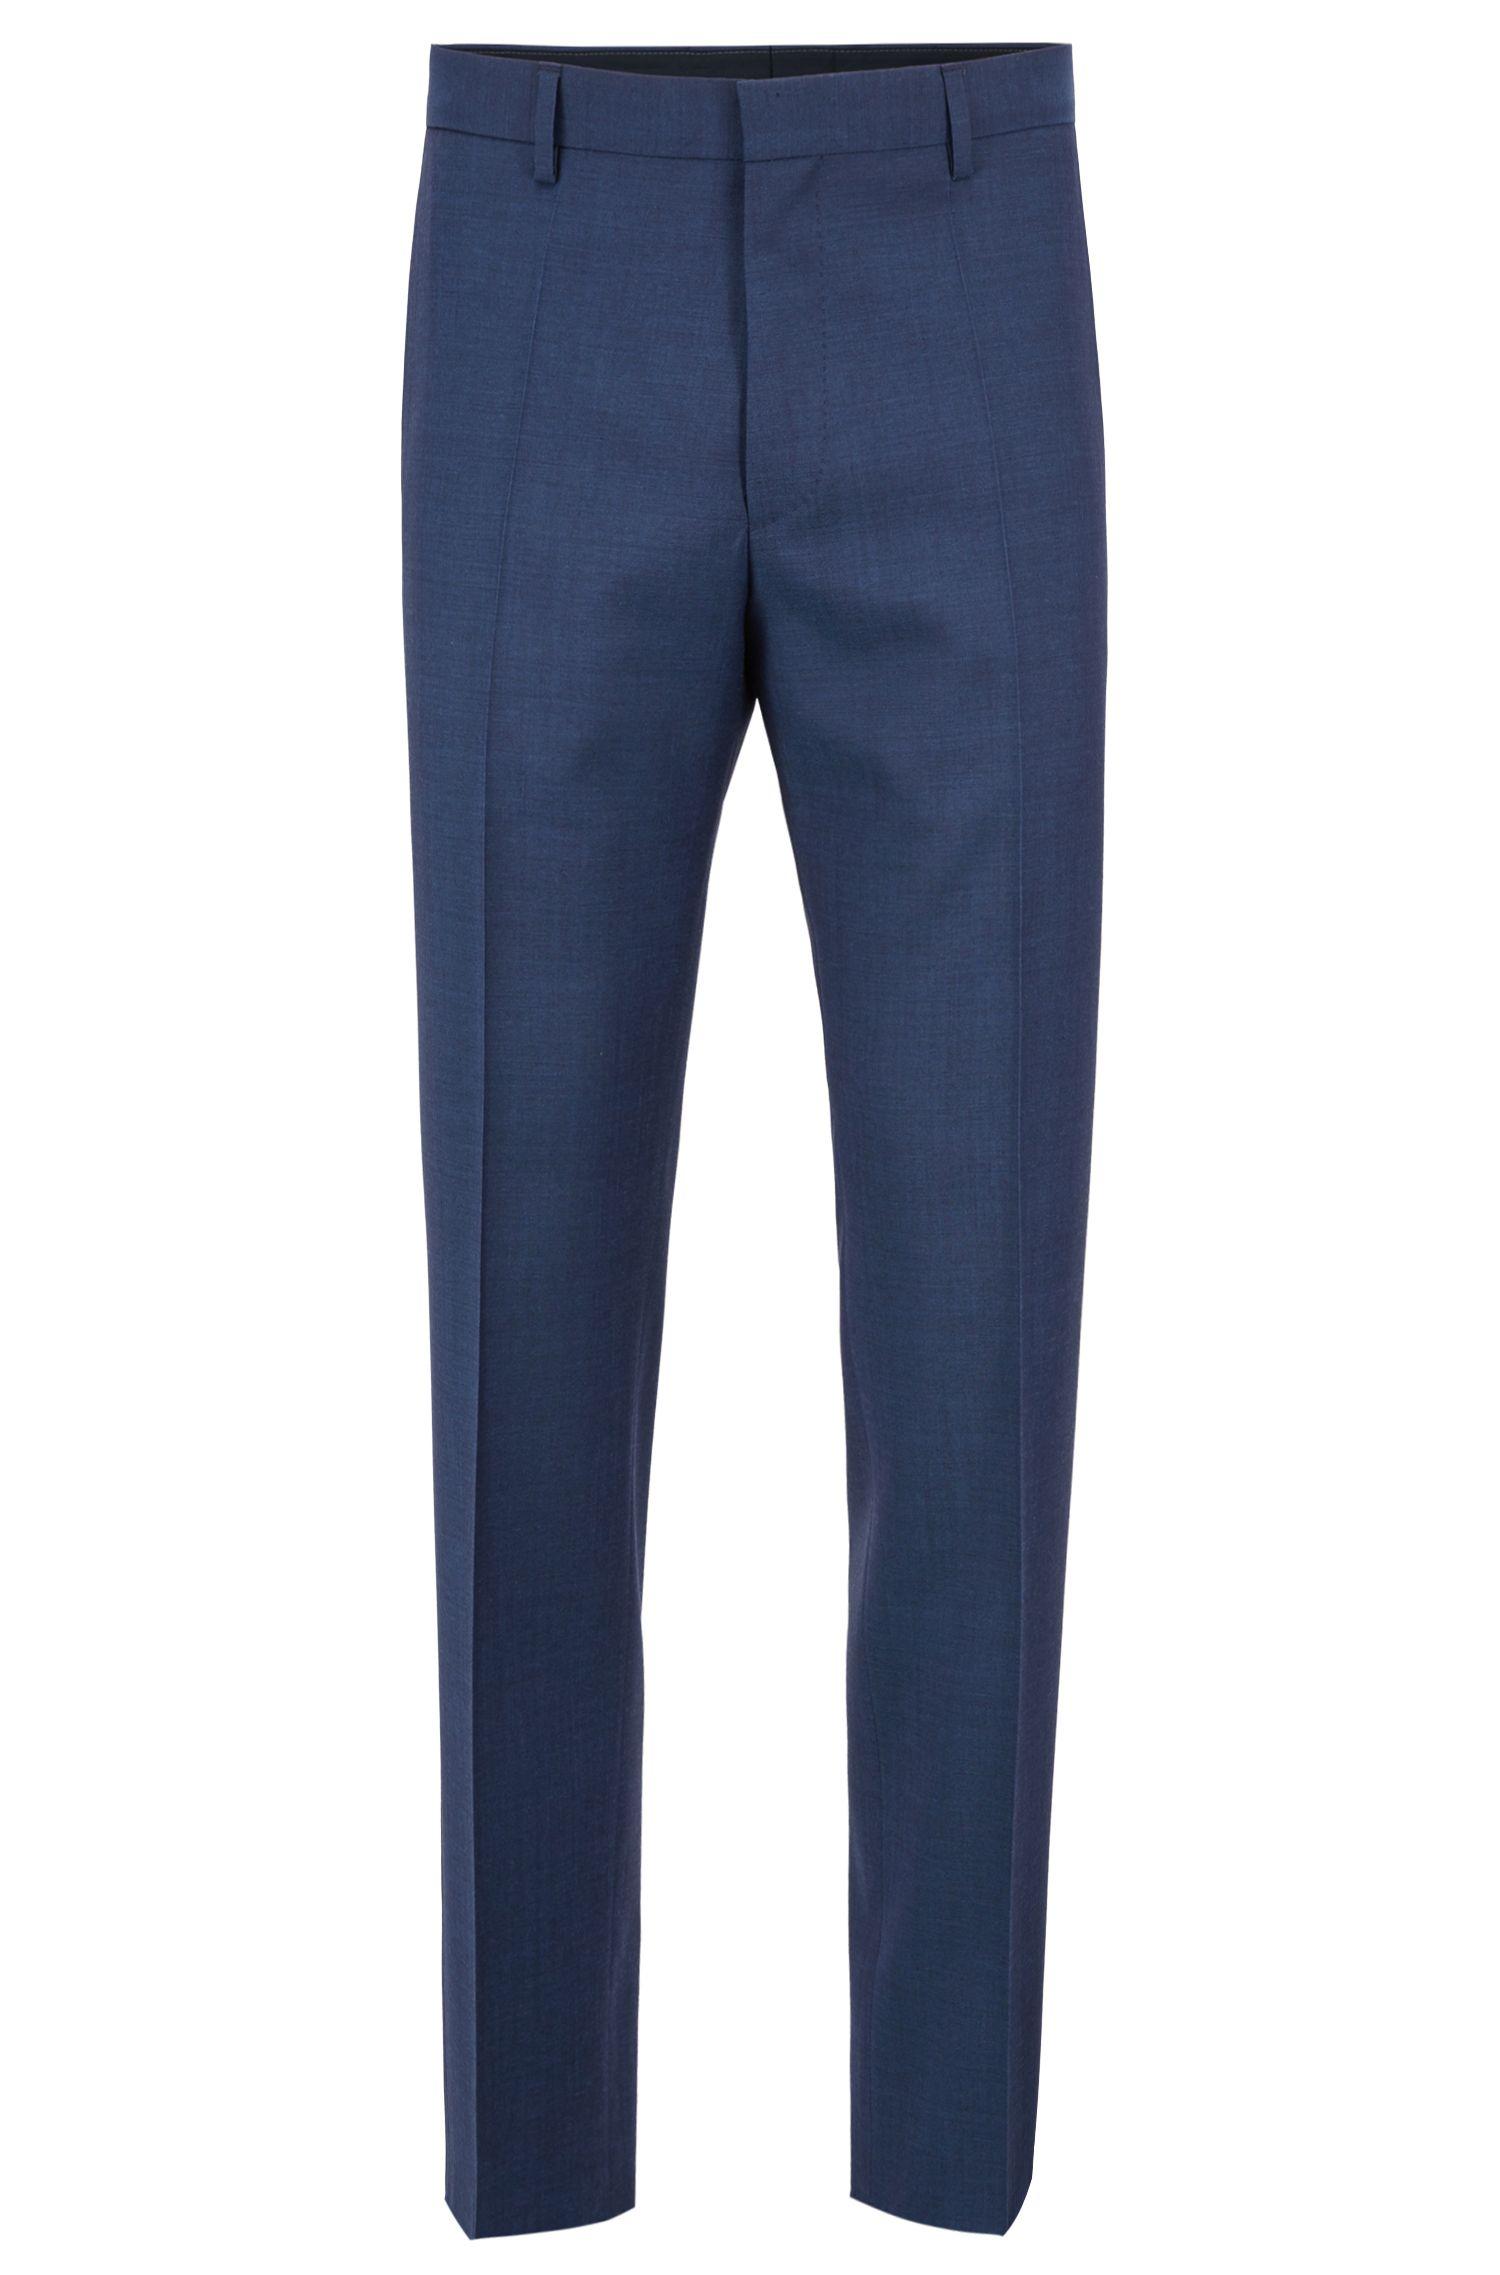 Slim-fit pants in mohair-look virgin wool, Open Blue